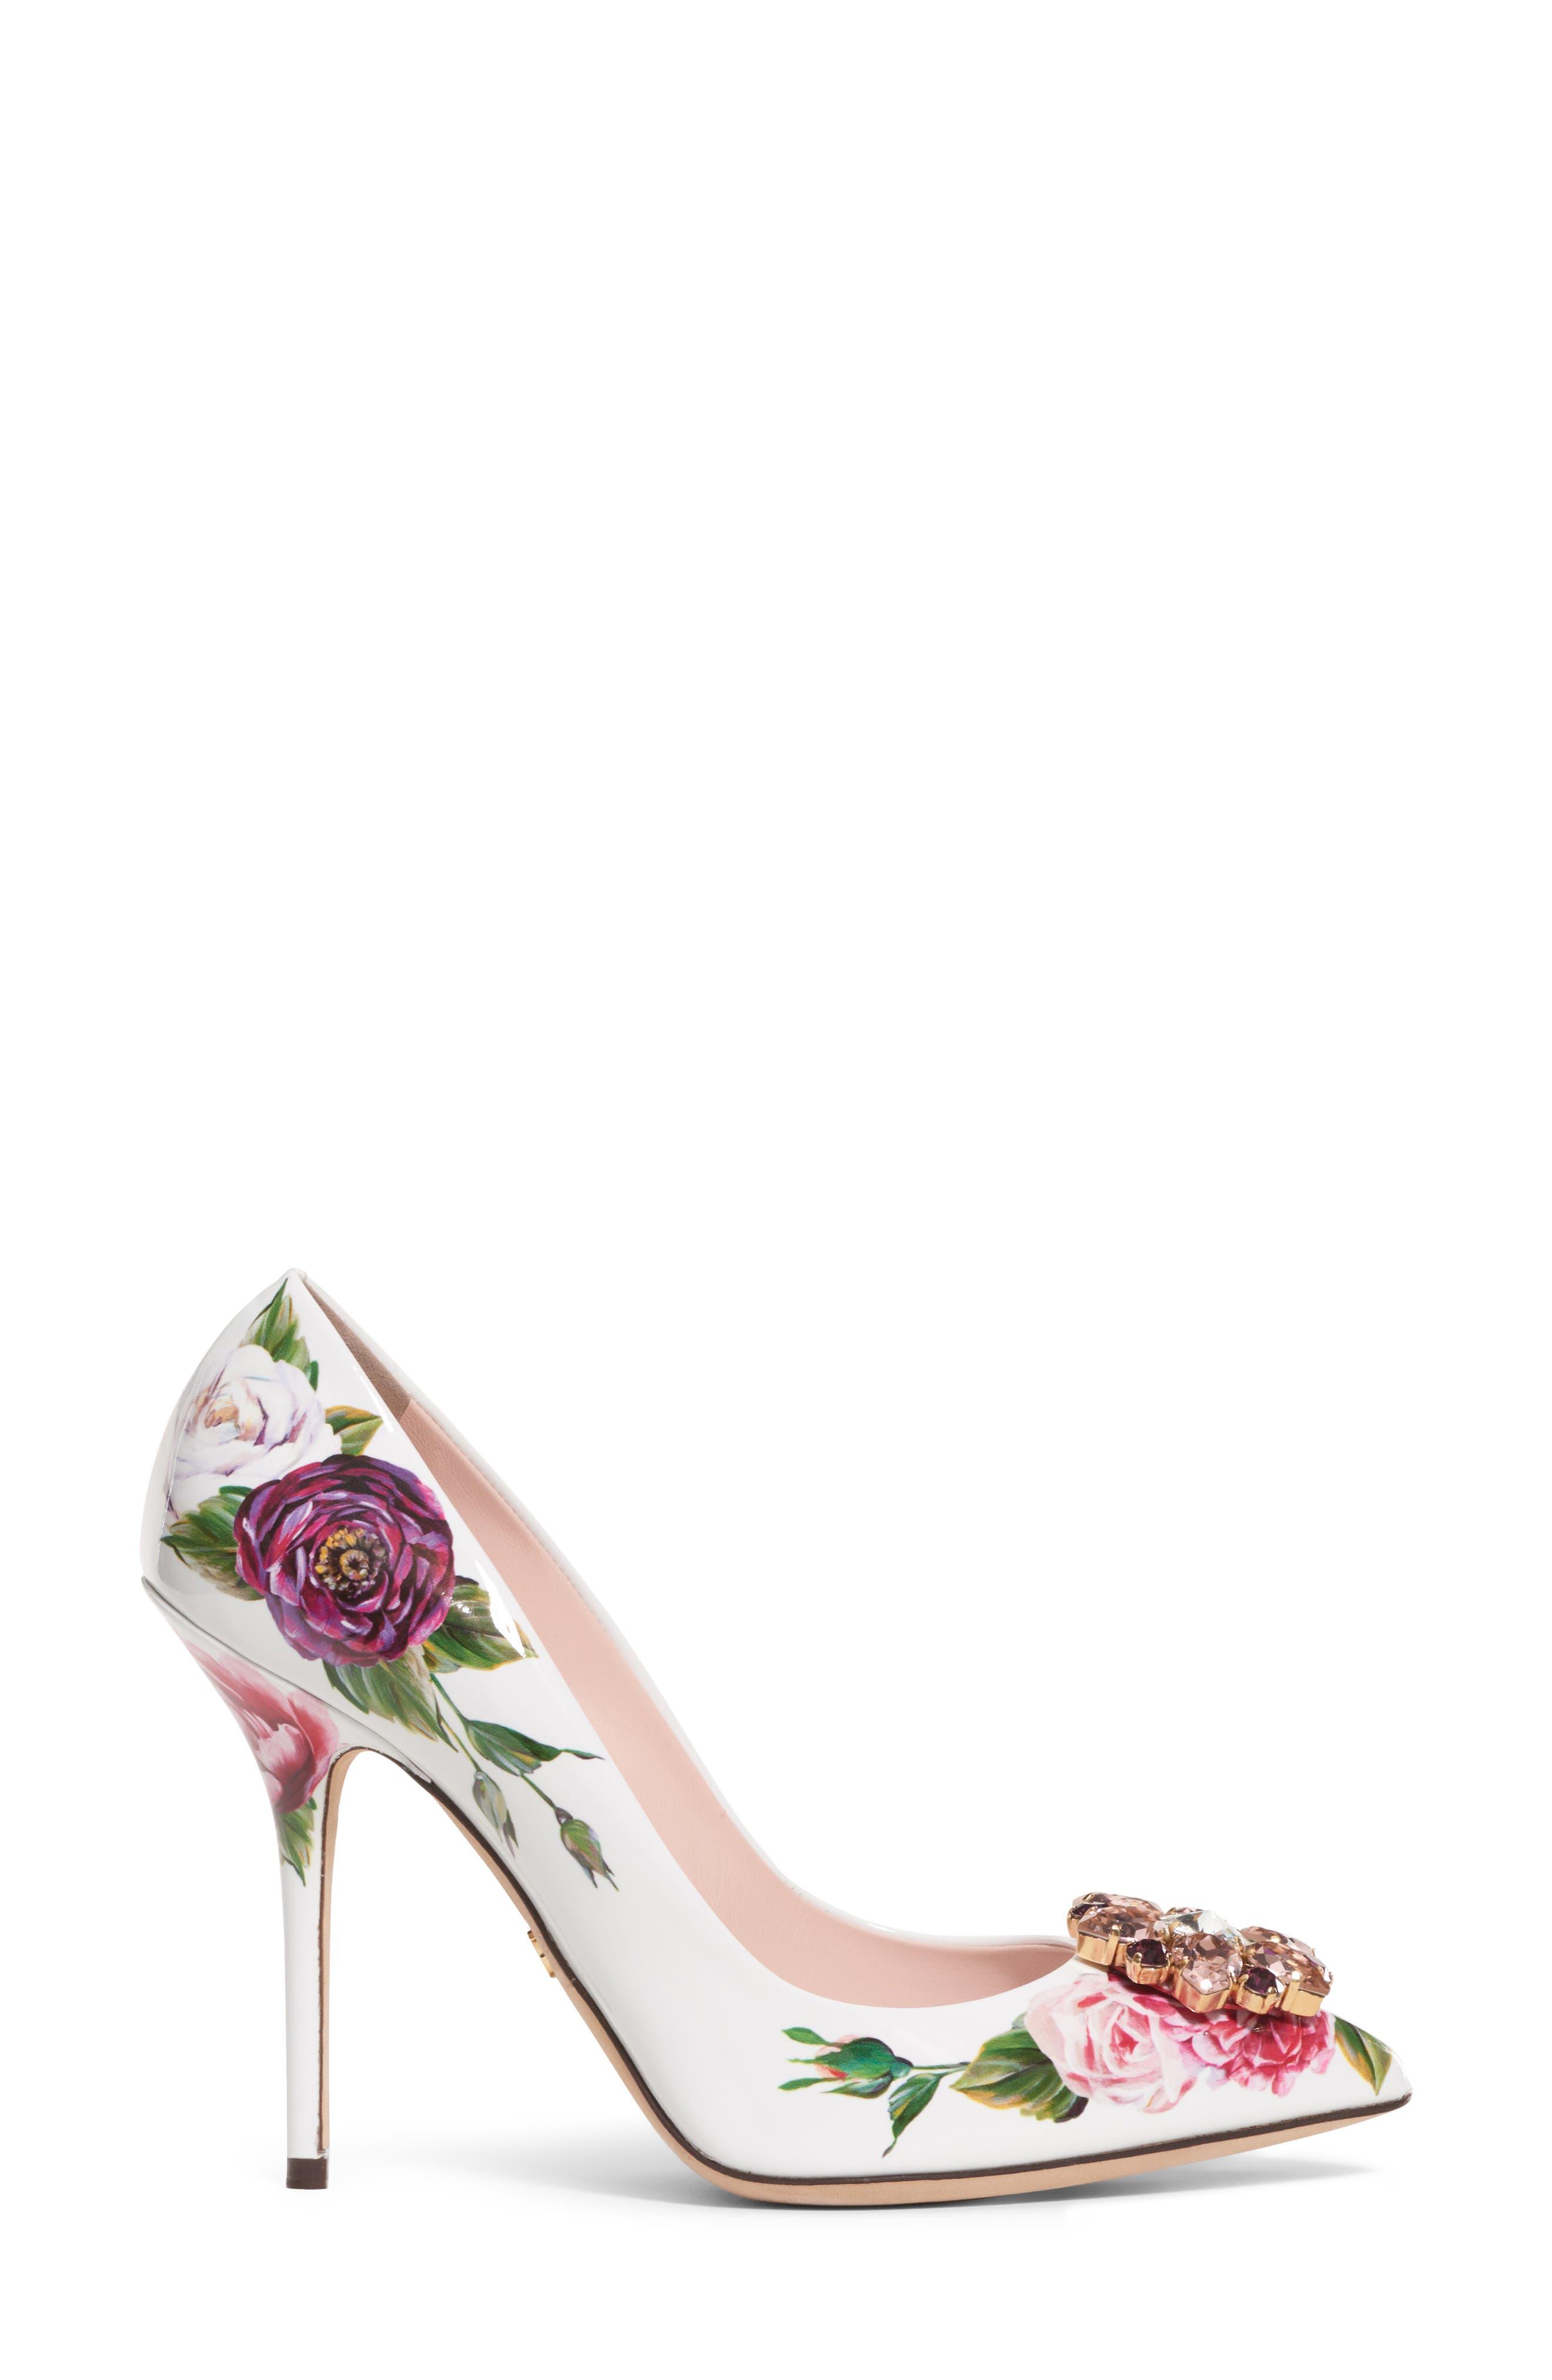 Crystal Embellished Floral Pump,                             Alternate thumbnail 3, color,                             White/ Pink